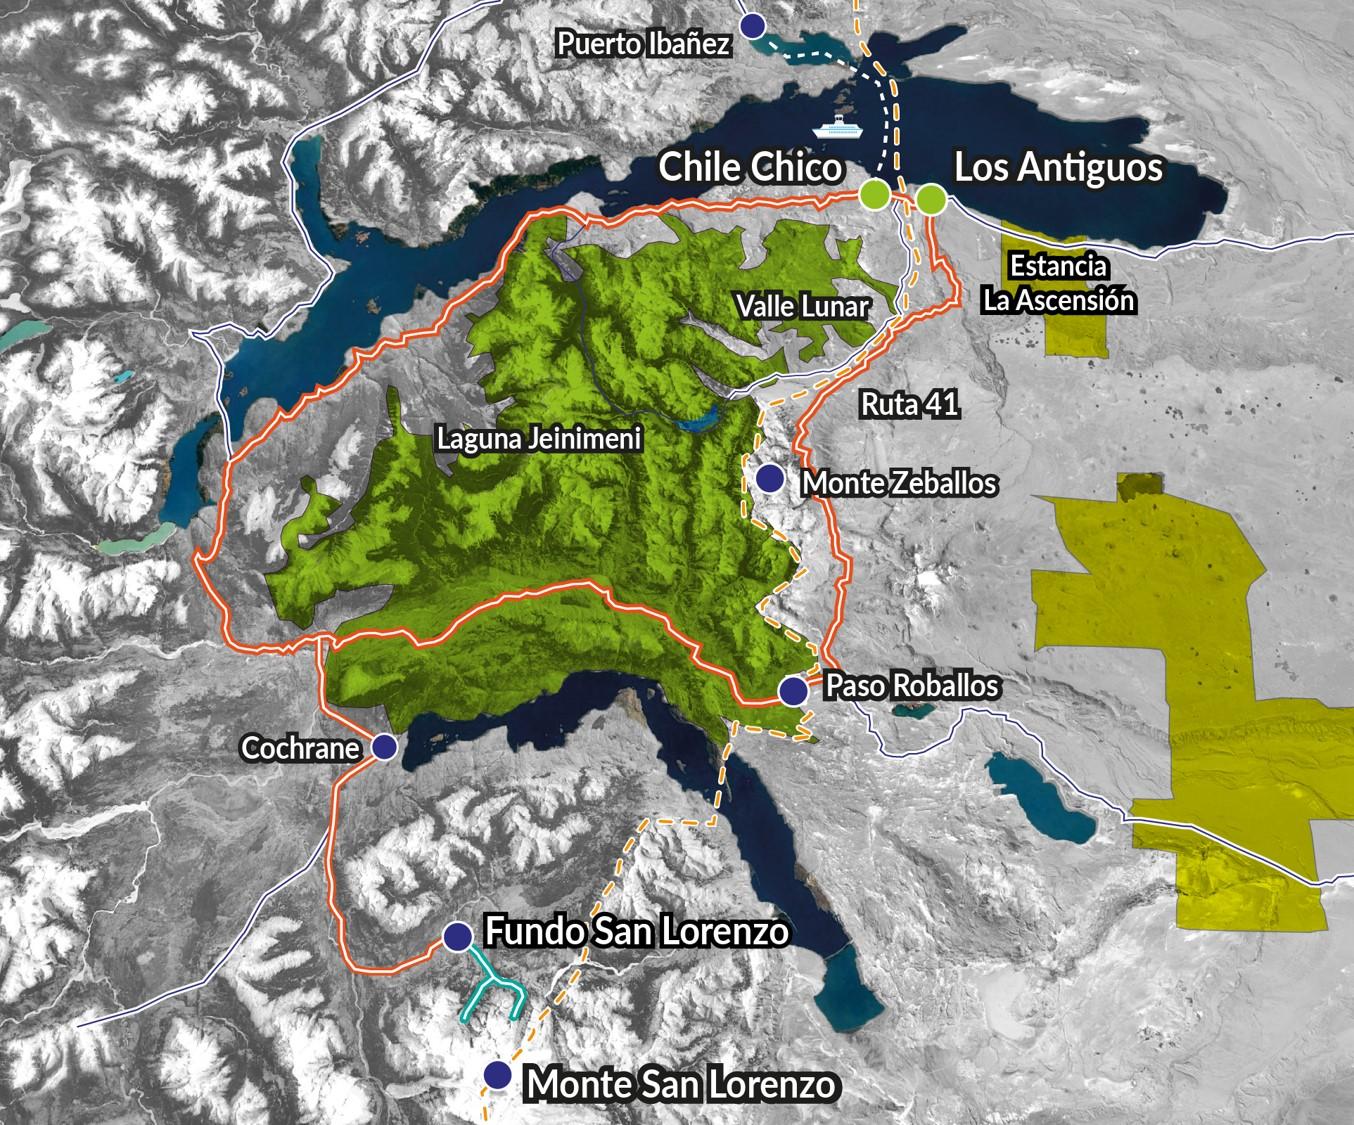 Nuestra ruta en Monte San Lorenzo y Parque Nacional Patagonia, marcada con trazos de color turquesa y rojo.